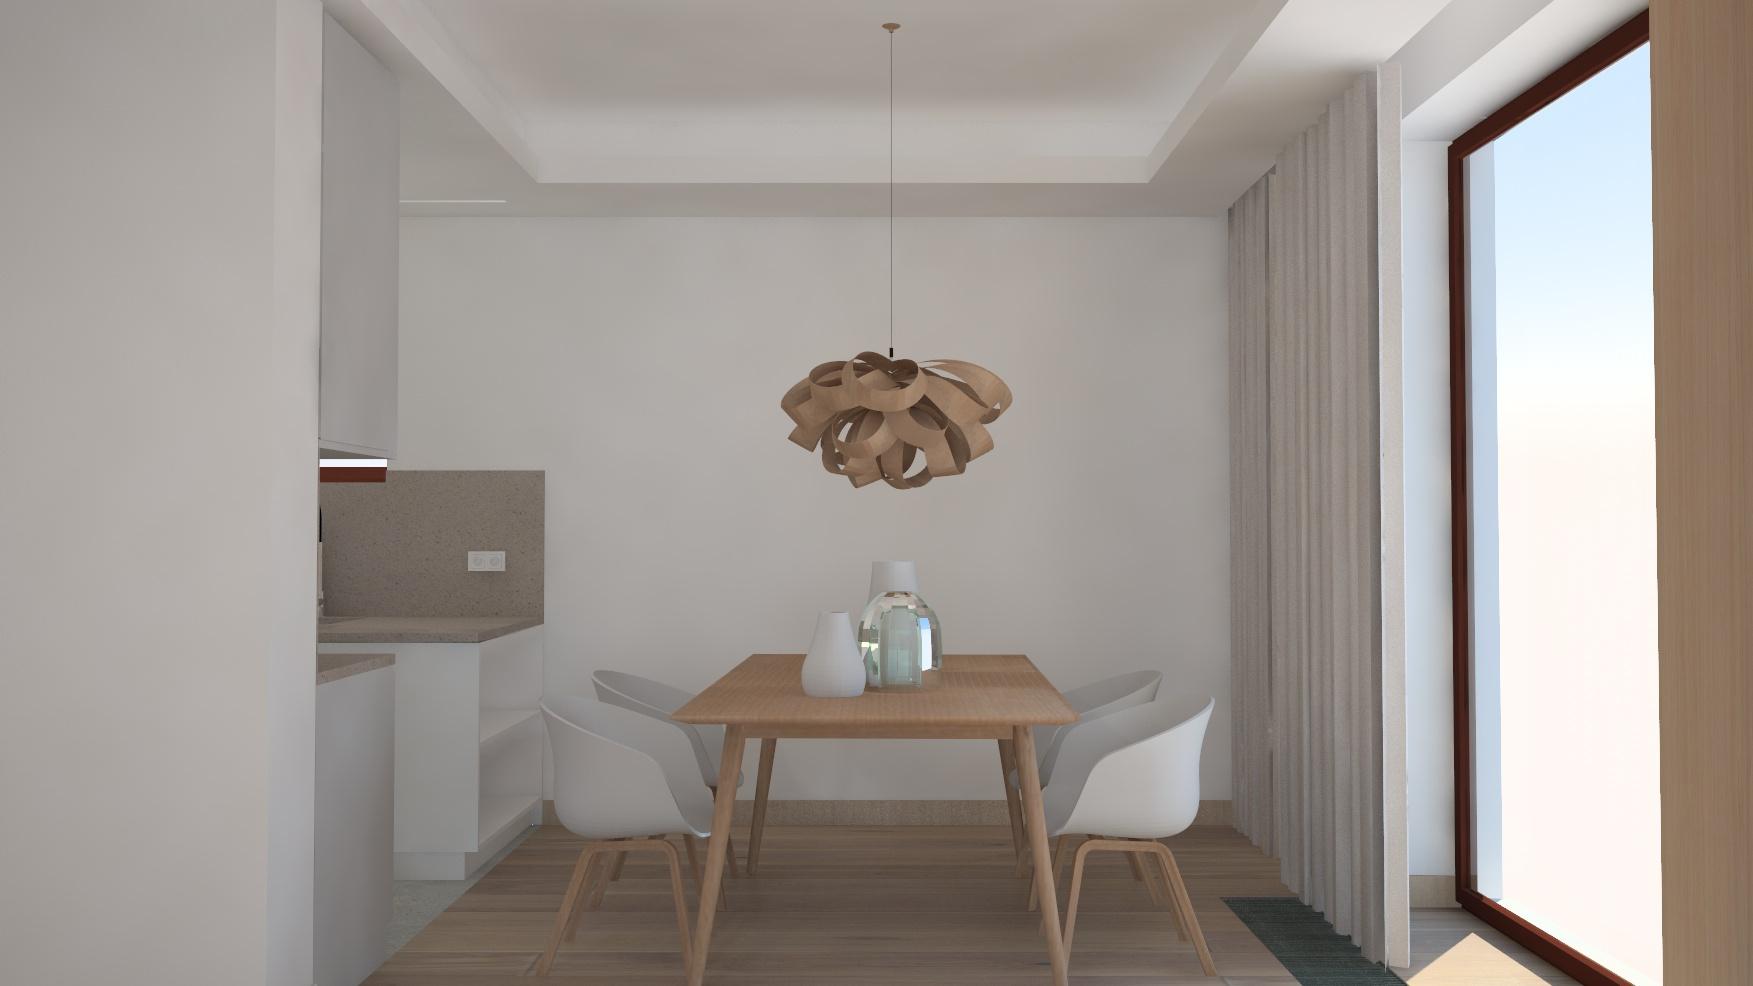 styl skandynawski-koncepcja jadalni-stół bo concept-krzesła hay-lampa ltz.jpg